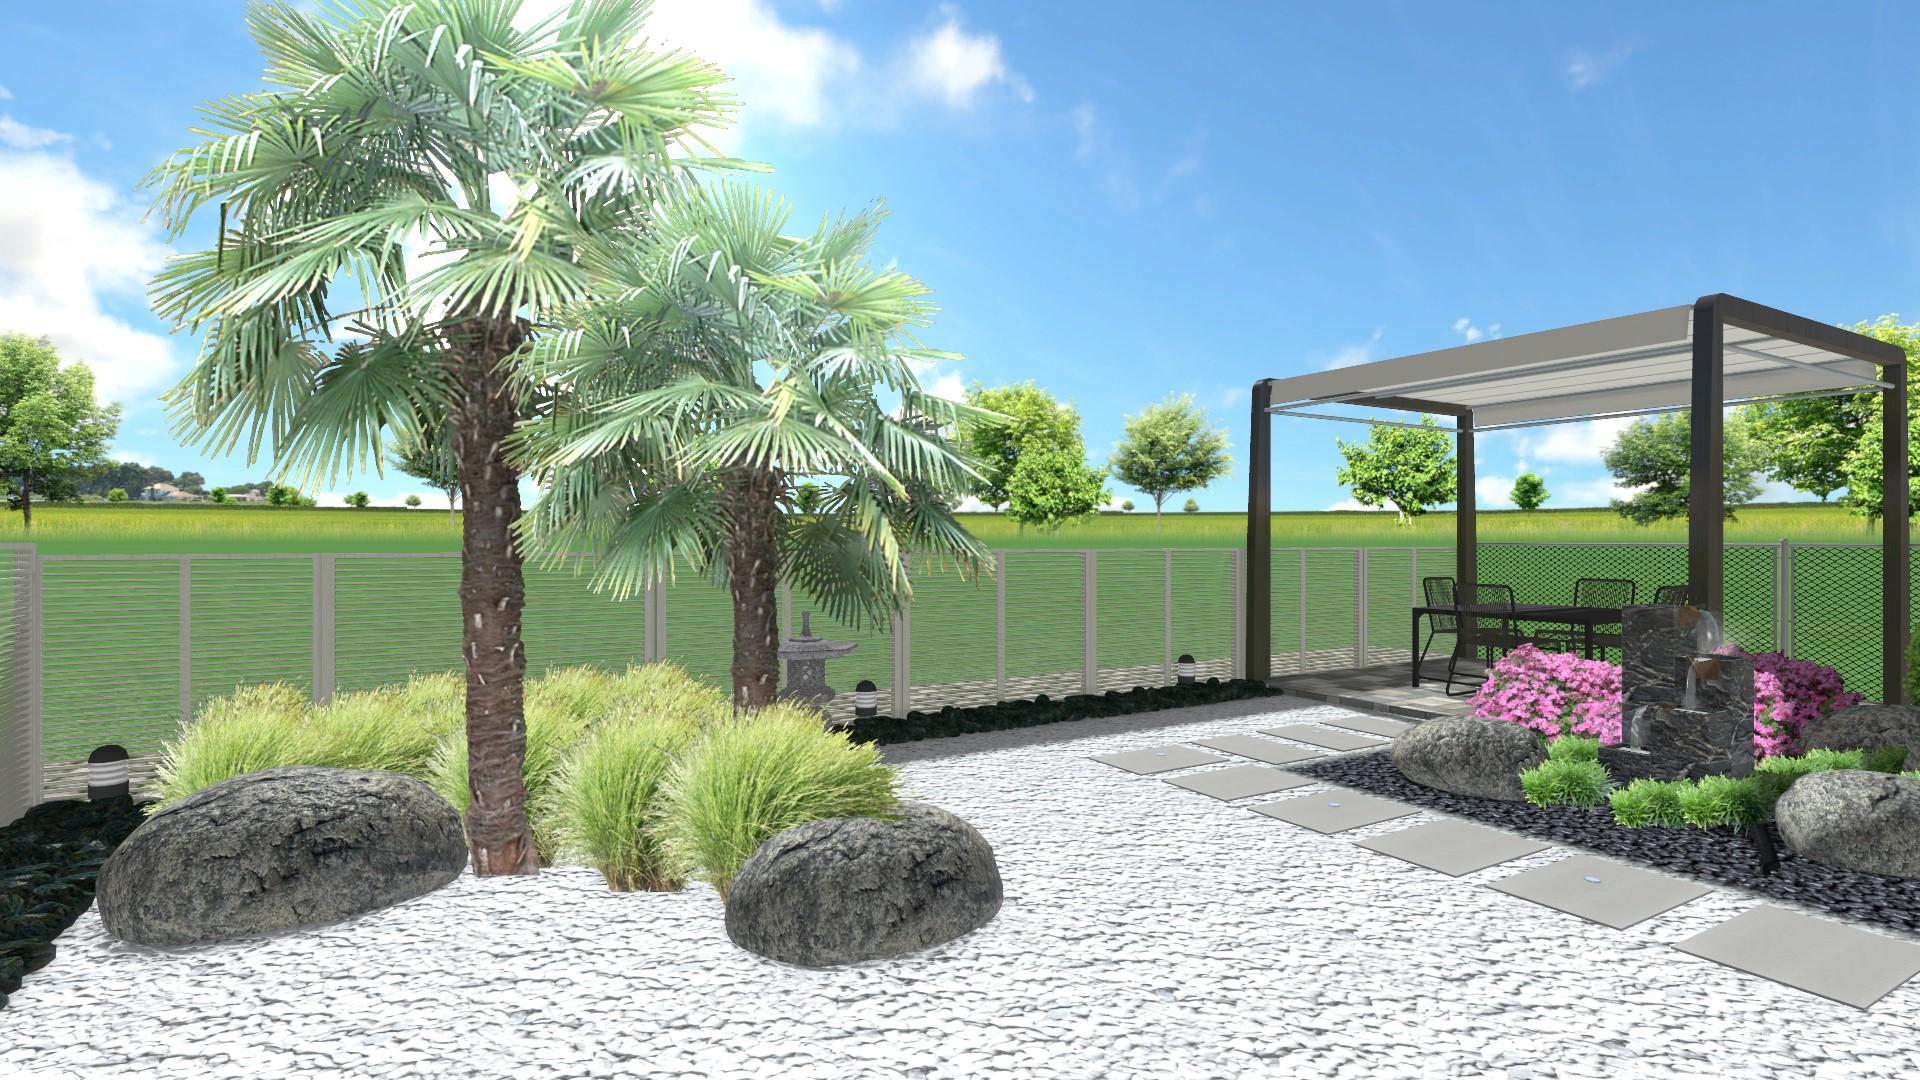 Architetto Di Giardini realizzazione giardini a comacchio